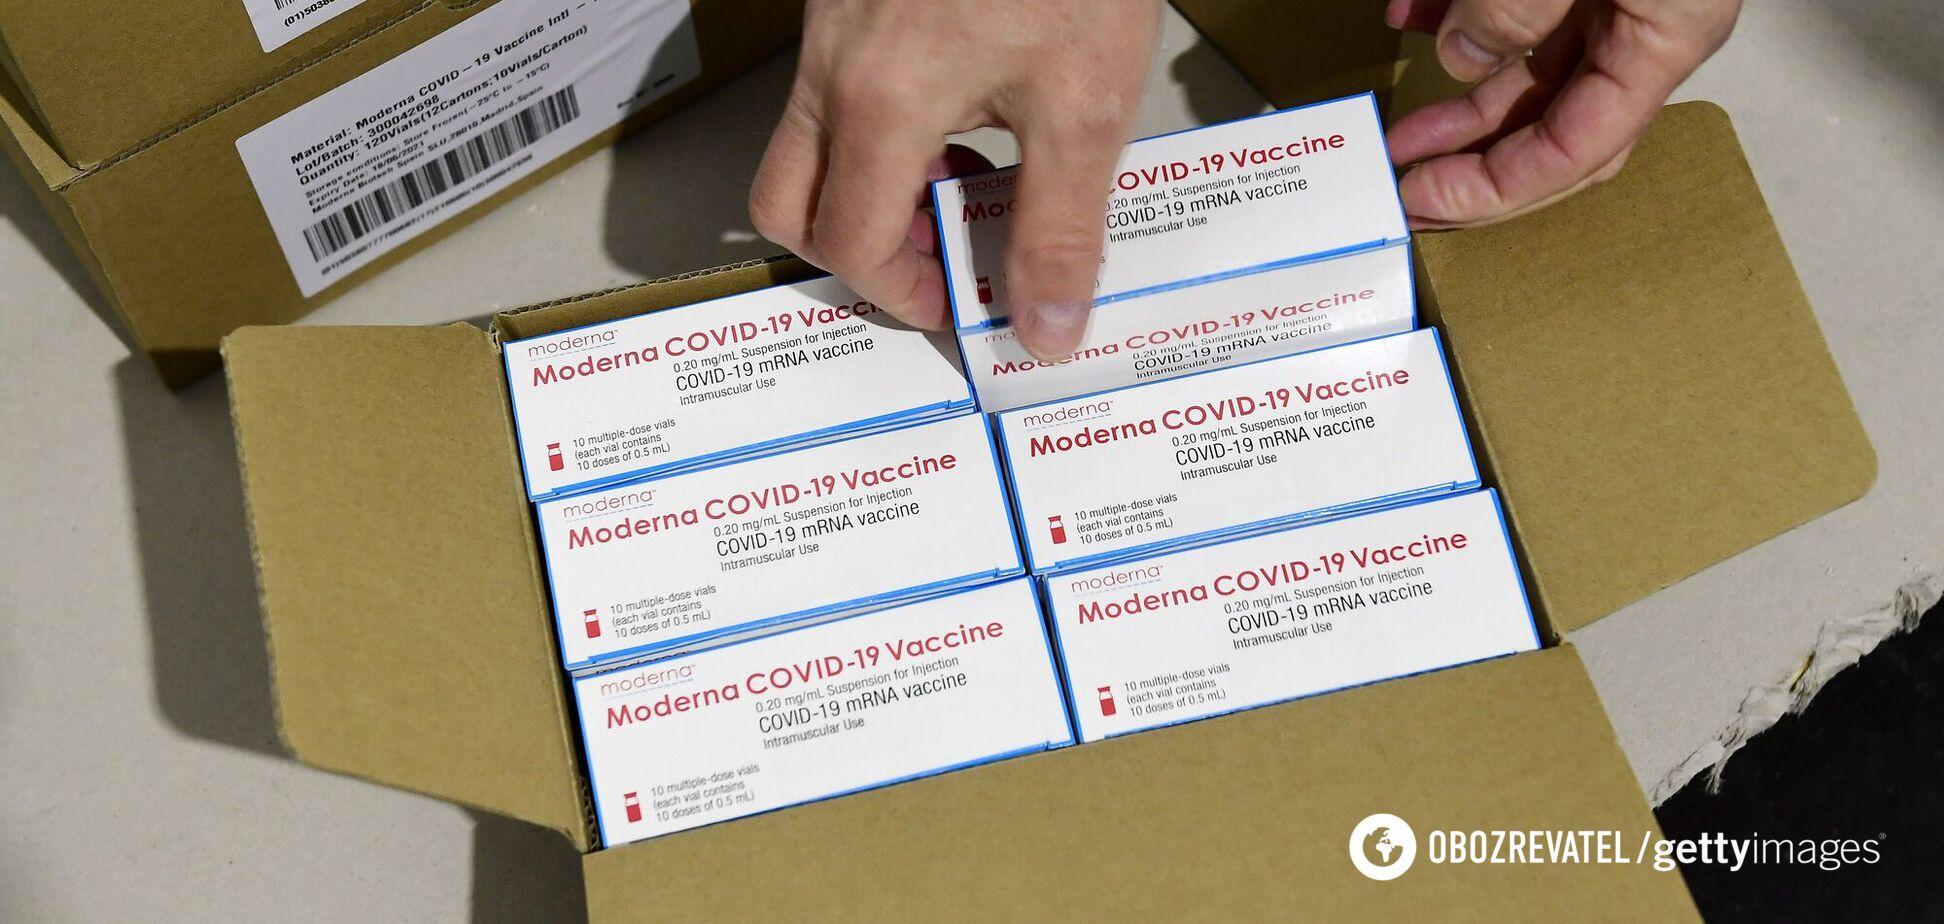 В Украине заканчивается партия вакцины Moderna: кто сможет получить прививки